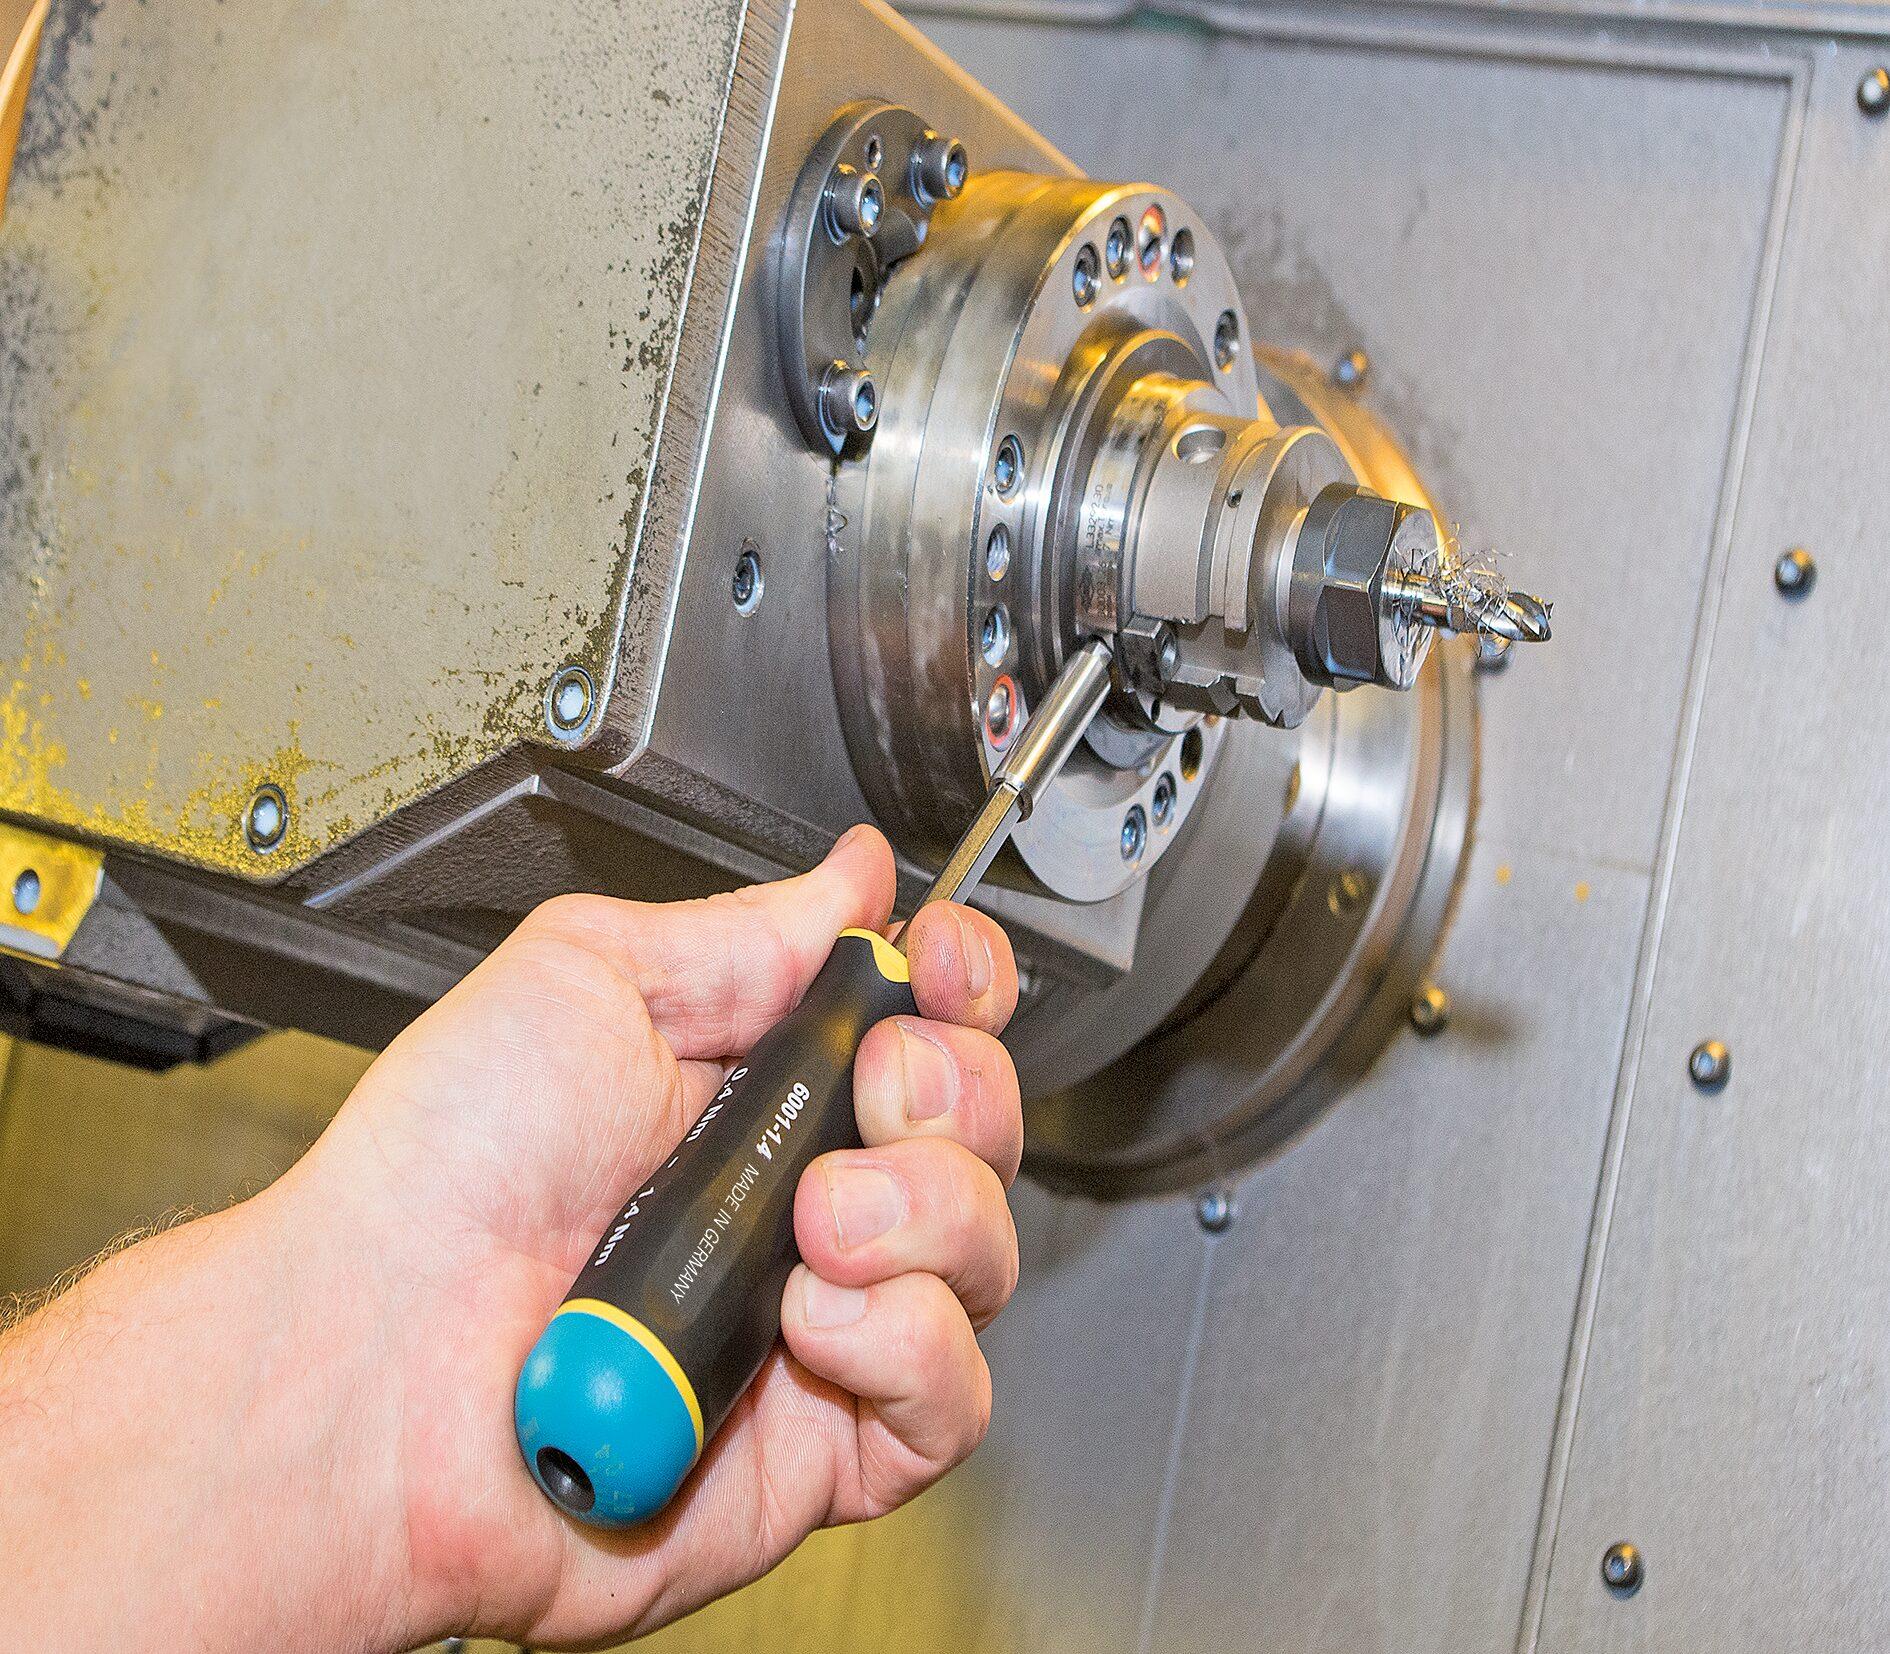 HAZET Drehmoment-Schraubendreher 6001-1.5/3 ∙ Nm min-max: 0.6–1.5 Nm ∙ Toleranz: 10% ∙ Anzahl Werkzeuge: 3